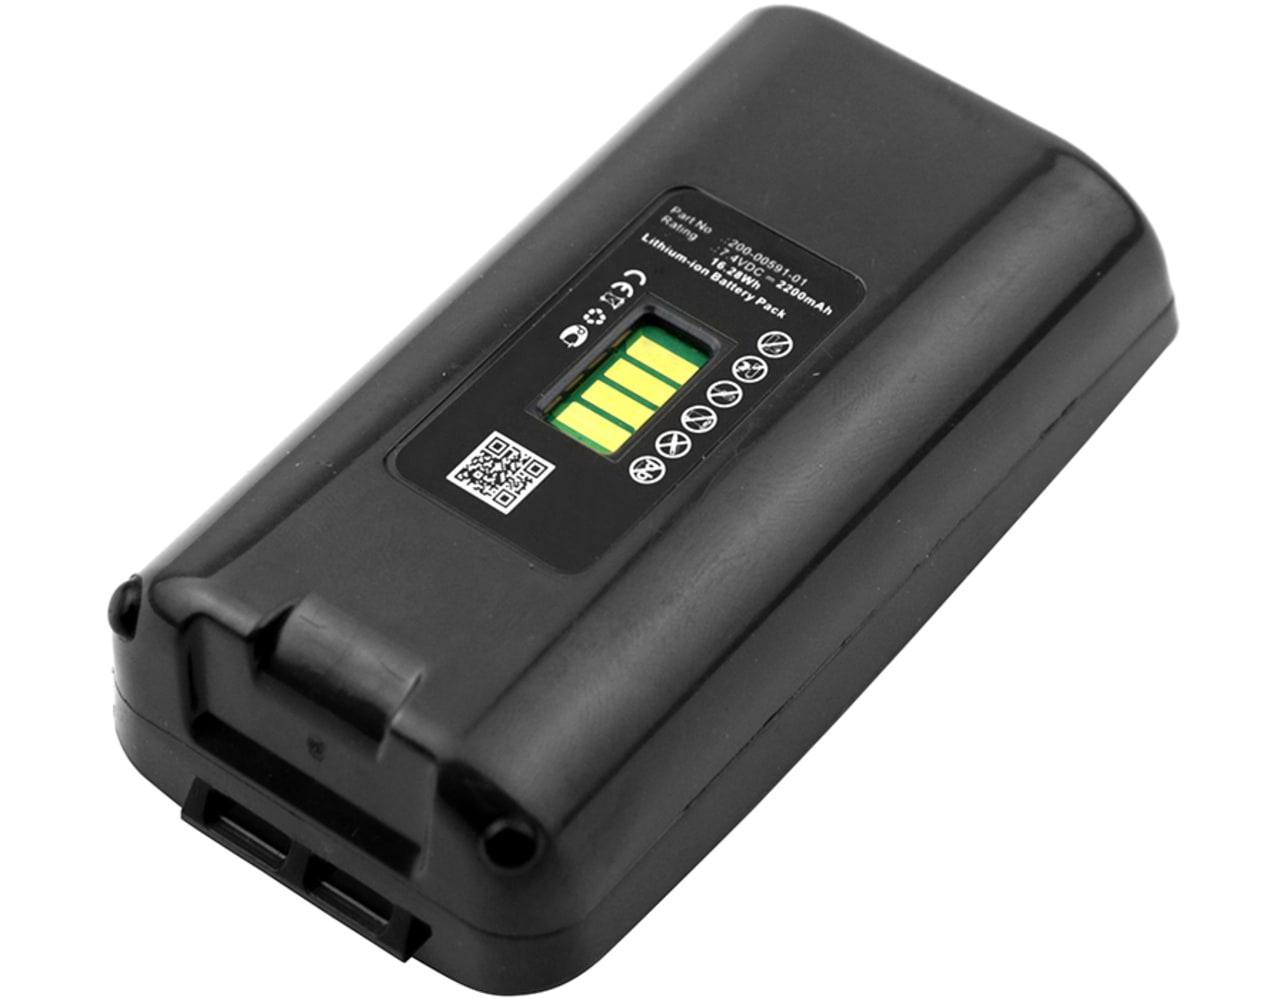 Akku für Honeywell Dolphin 7900, 9500, 9550, 9900 Handheld, LXE MX6 - 200-00591-01,200002586,20000591-01,20000702-02,20000702 (2200mAh) Ersatzakku